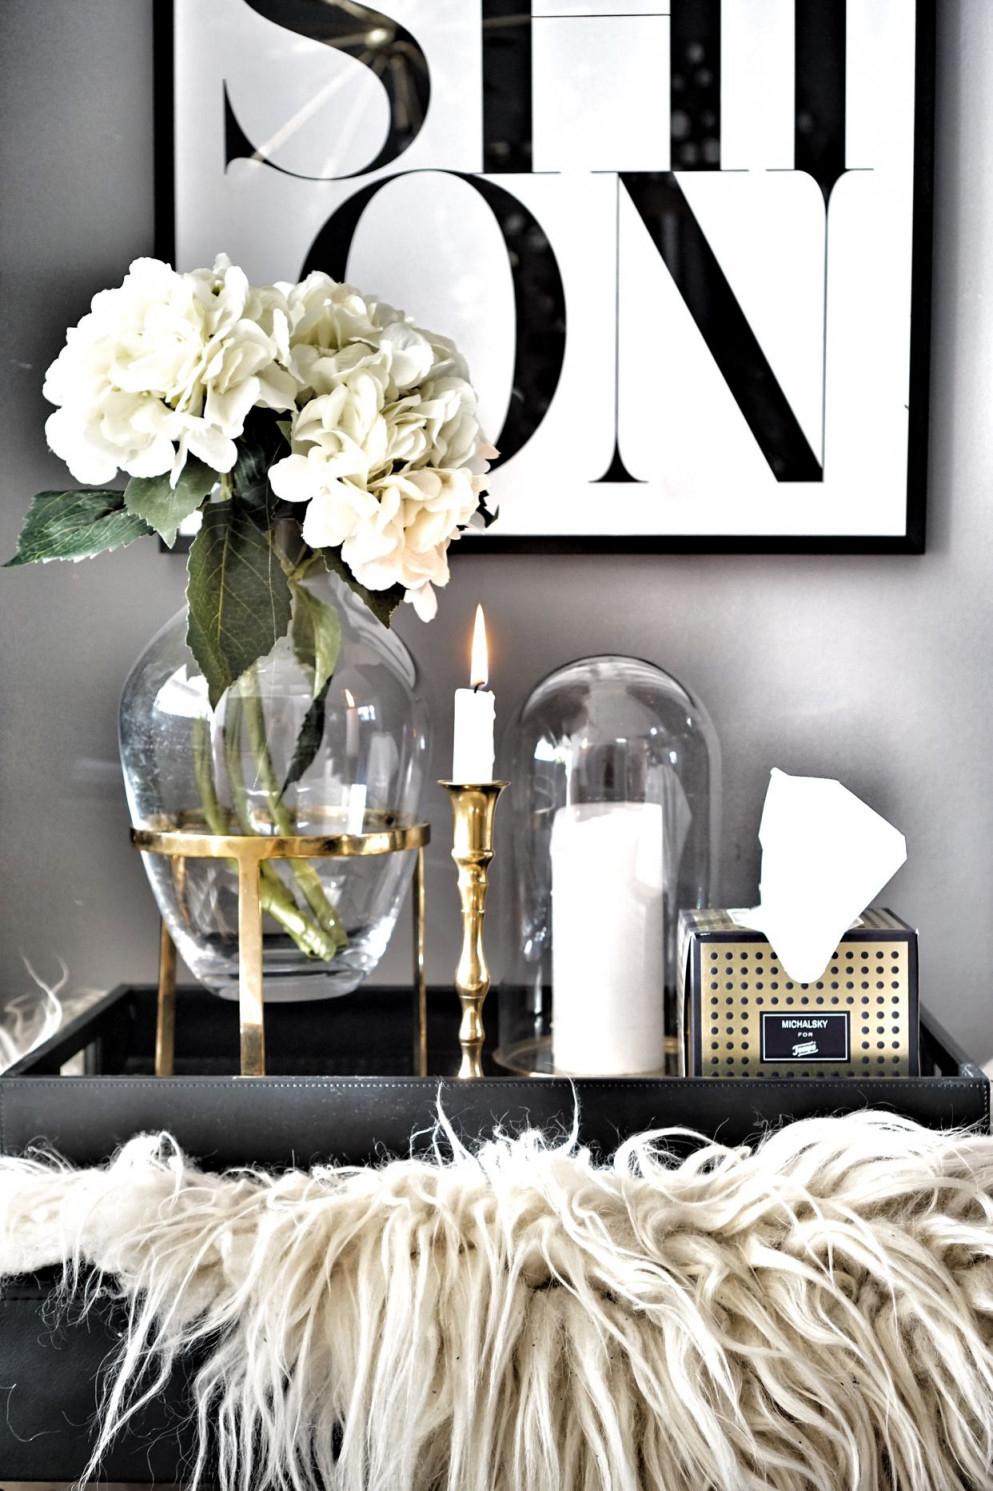 Wohnzimmer Details Tablett Vase(Werbung)  Wohnzimmer von Bilder Schwarz Weiss Wohnzimmer Bild